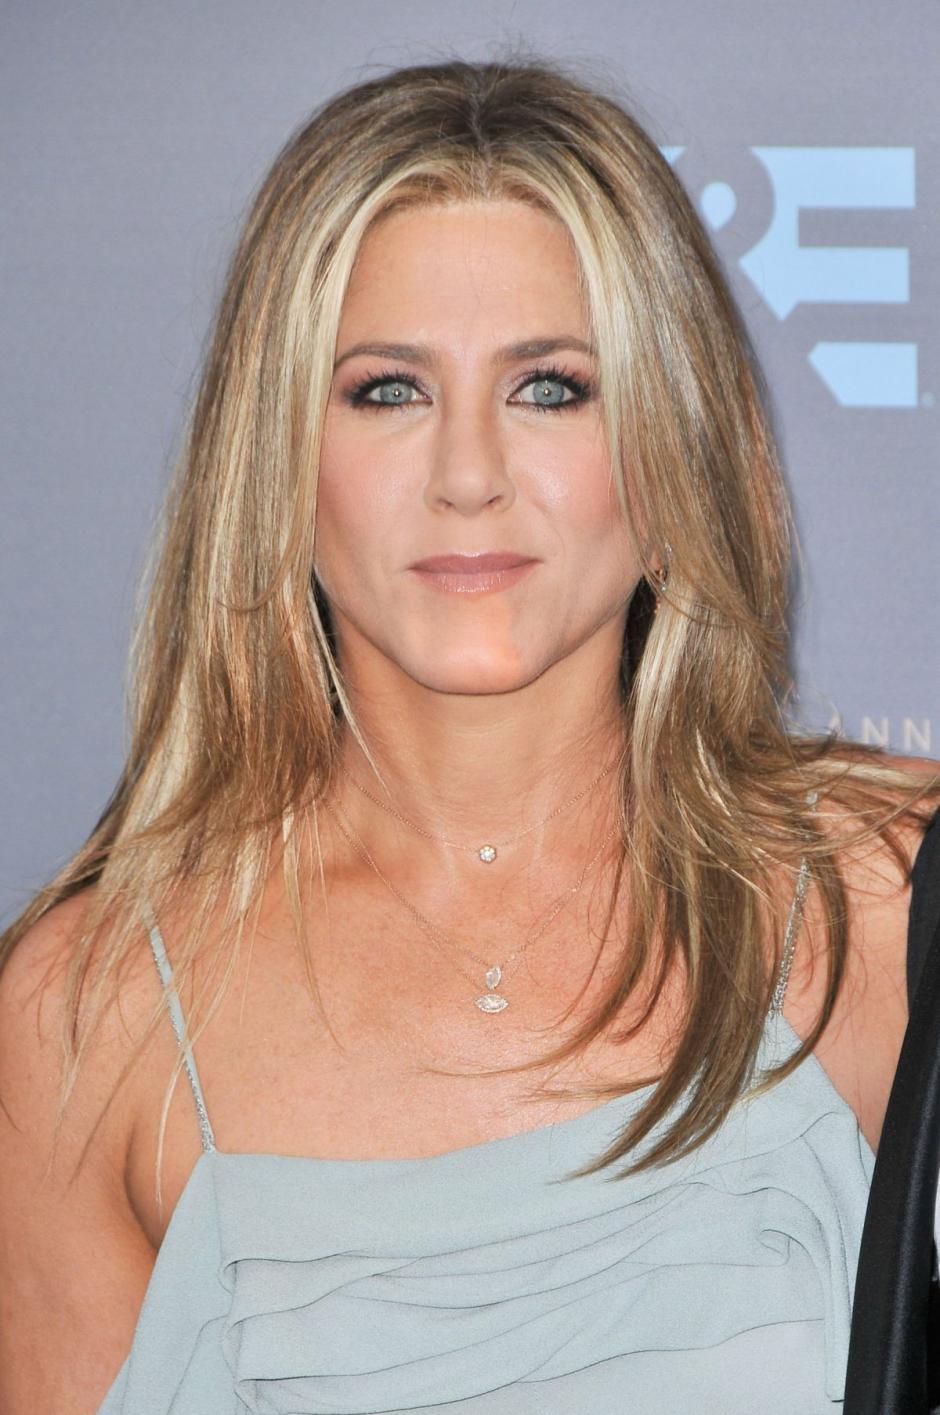 Aniston obtuvo el mismo título en 2004. (Foto: hawtcelebs.com)